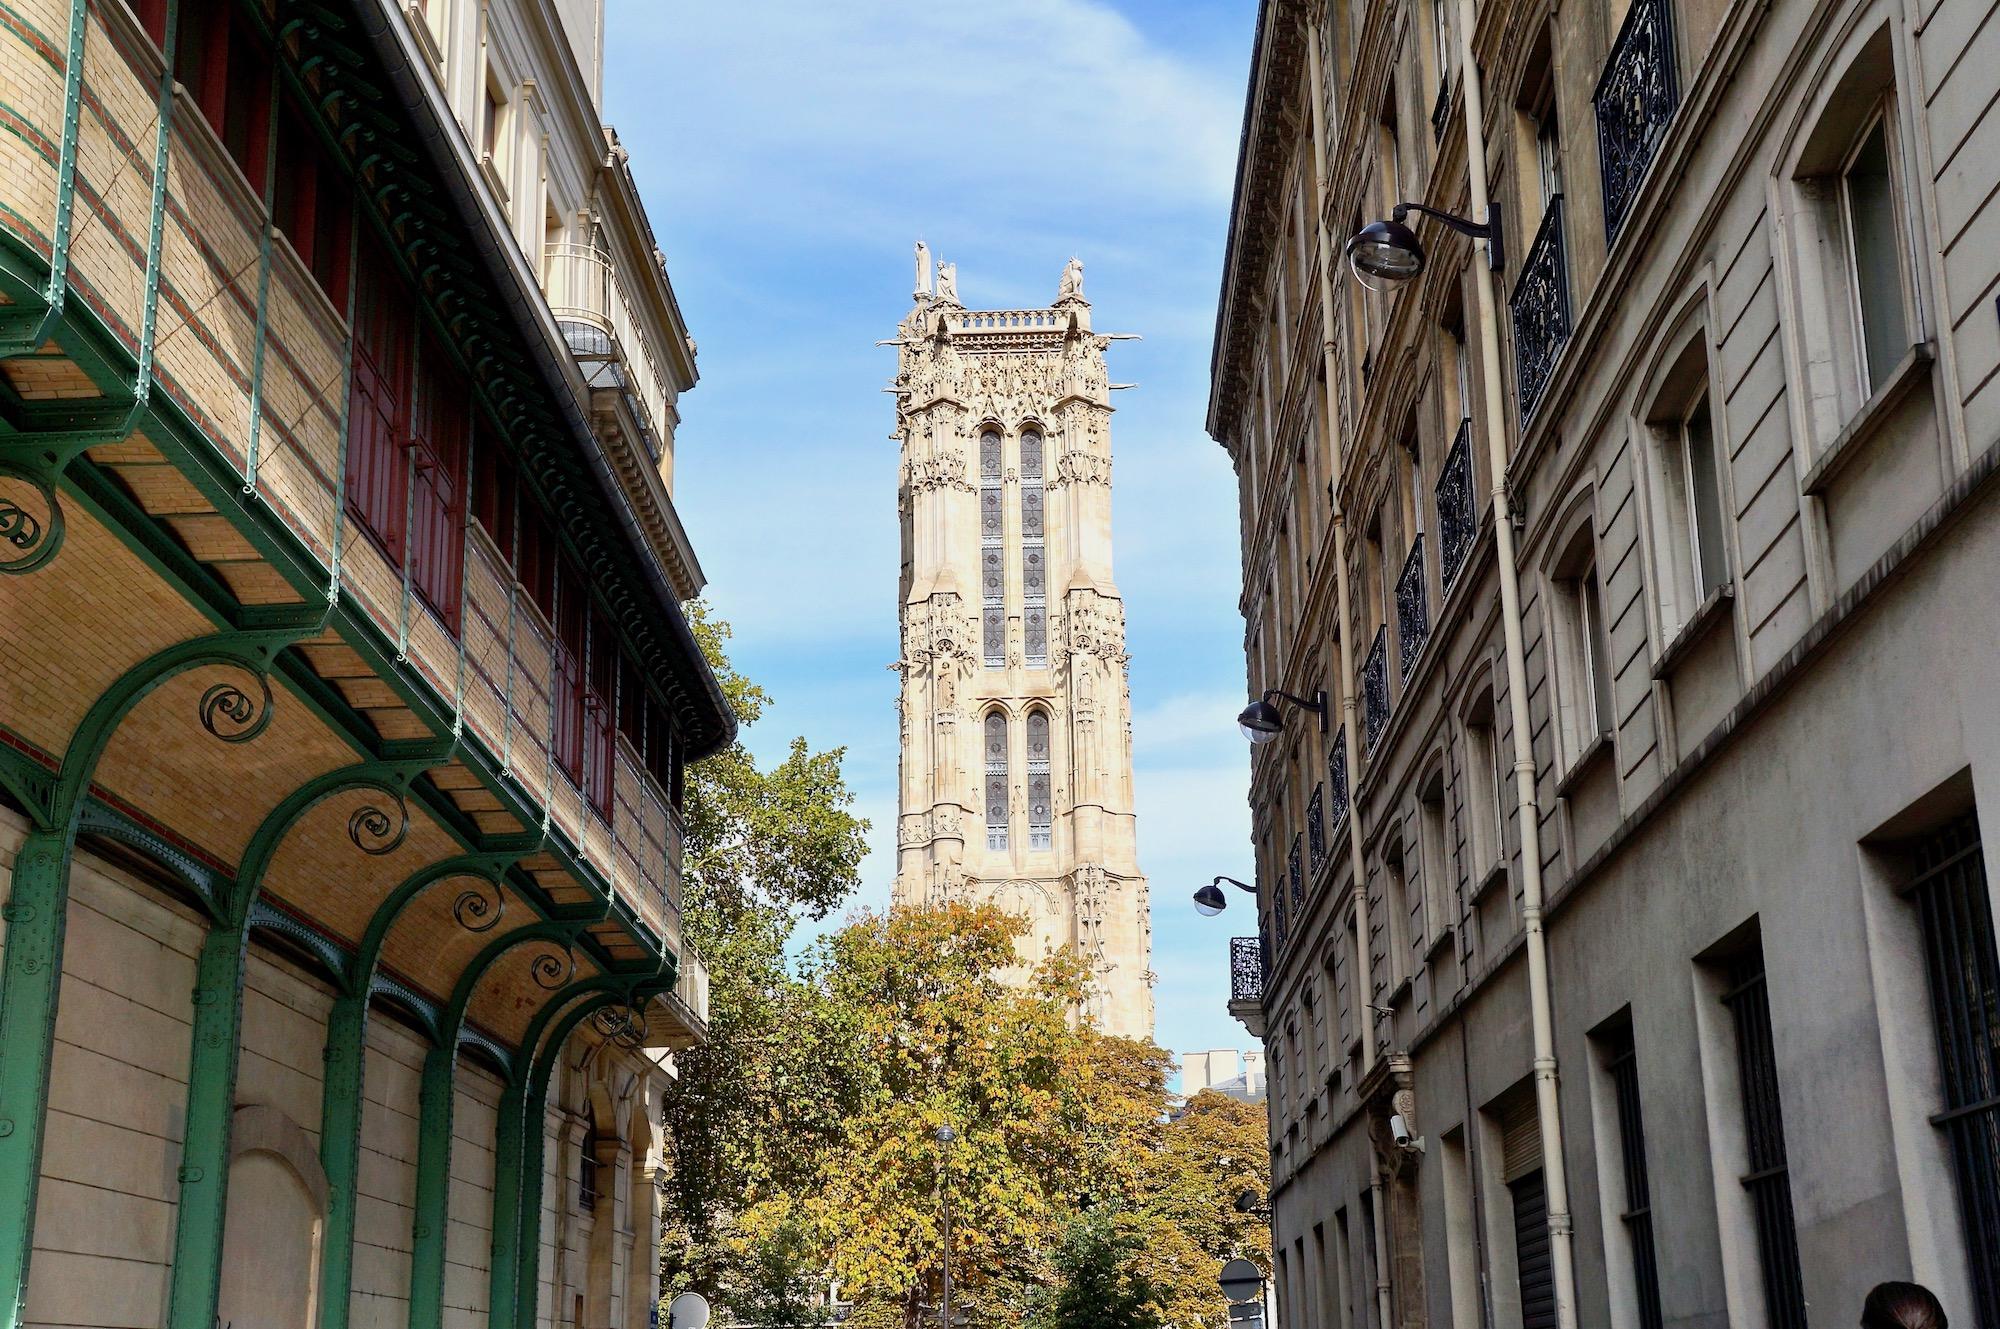 View of the Tour Saint Jacques